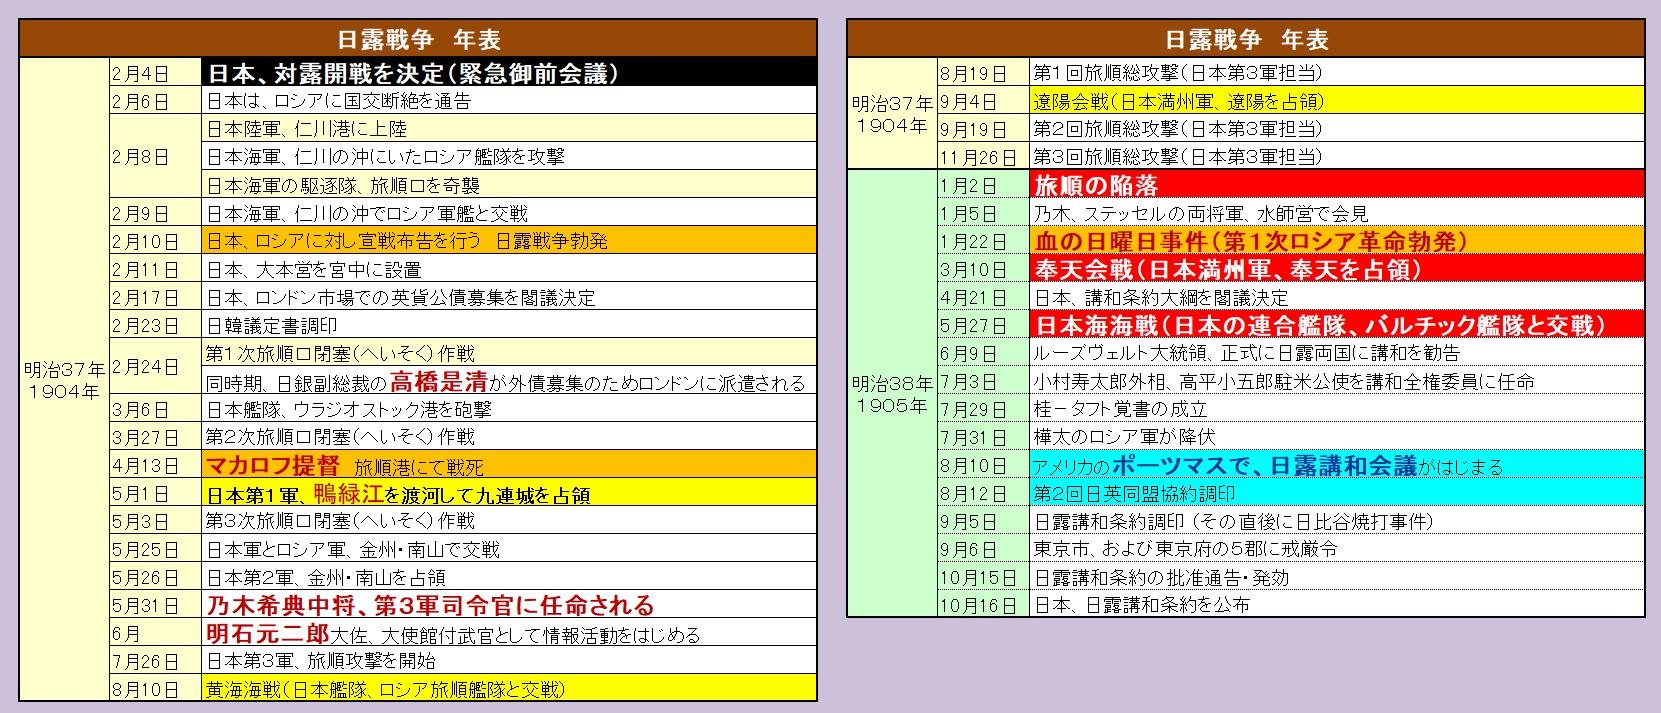 日露戦争 年表